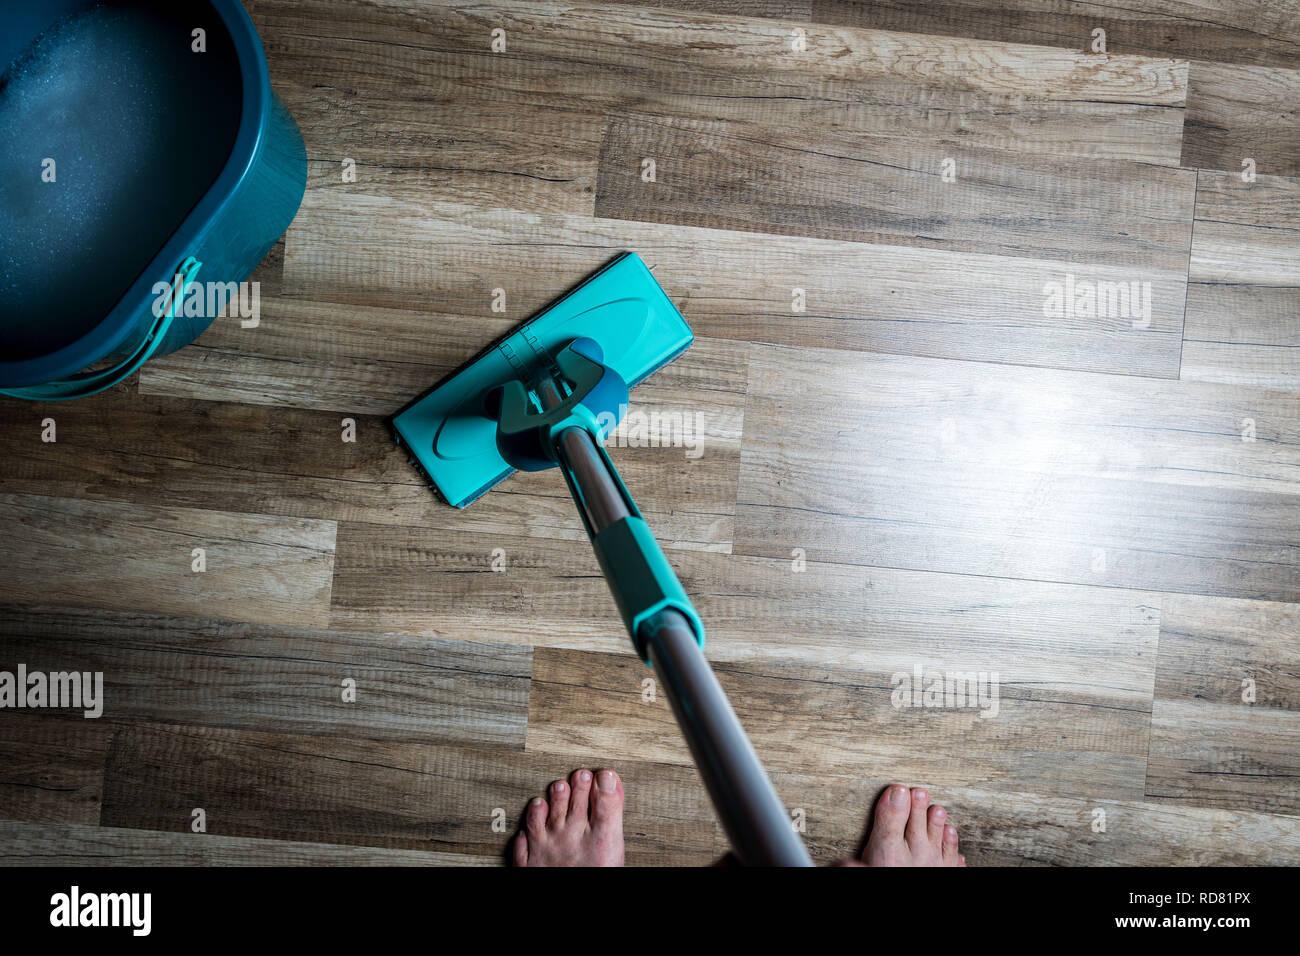 Holzfußboden Wischen ~ Wischen dreckig holzboden durch nasse scheibenwischer mop